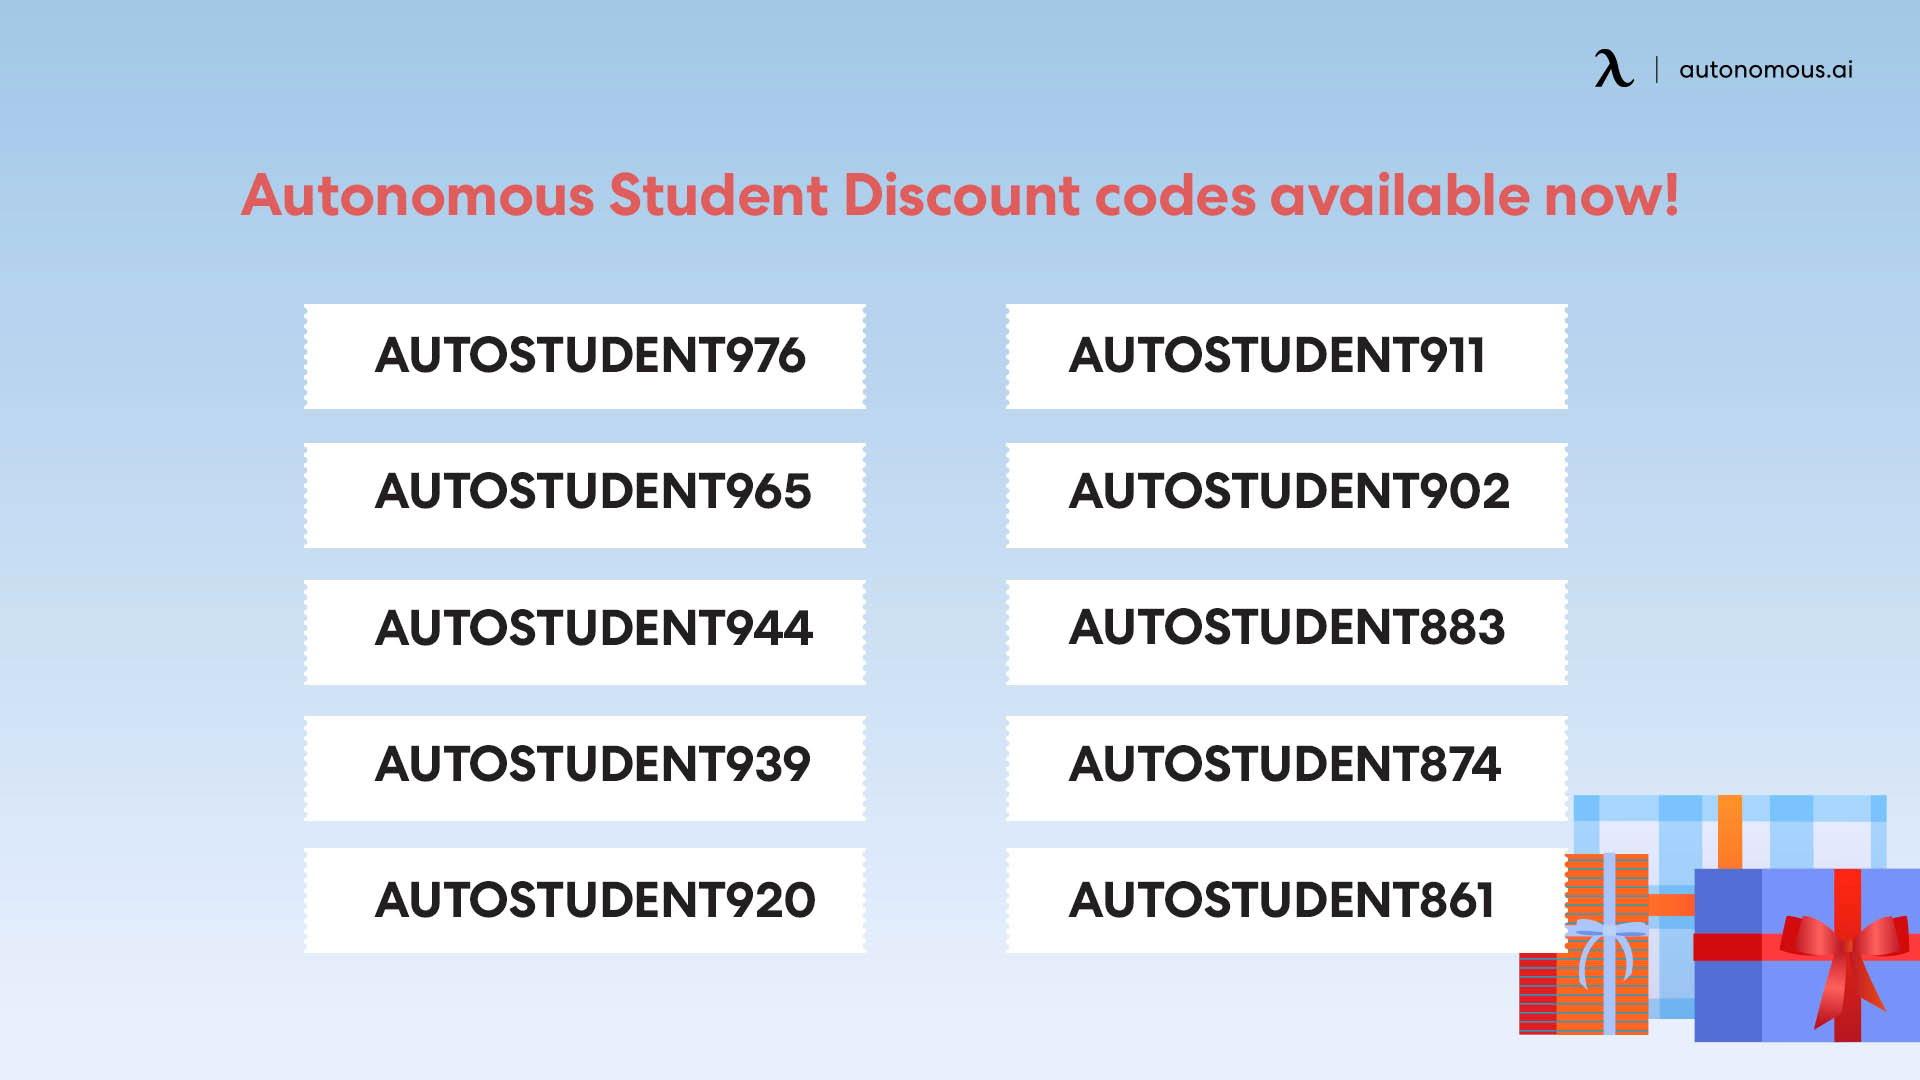 Autonomous Student Discount codes